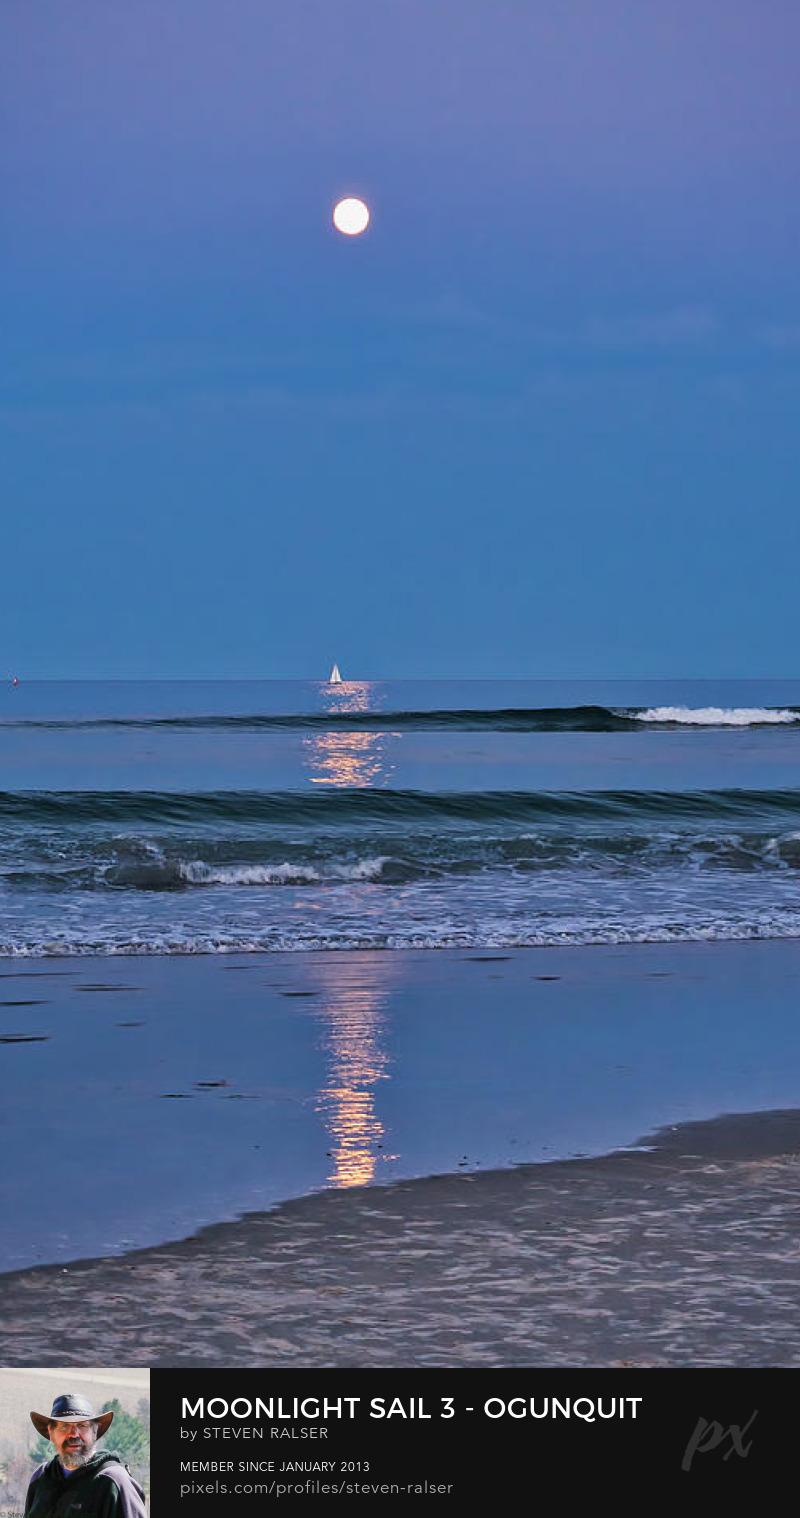 Moonlight sail, Ogunquit Beach, Maine